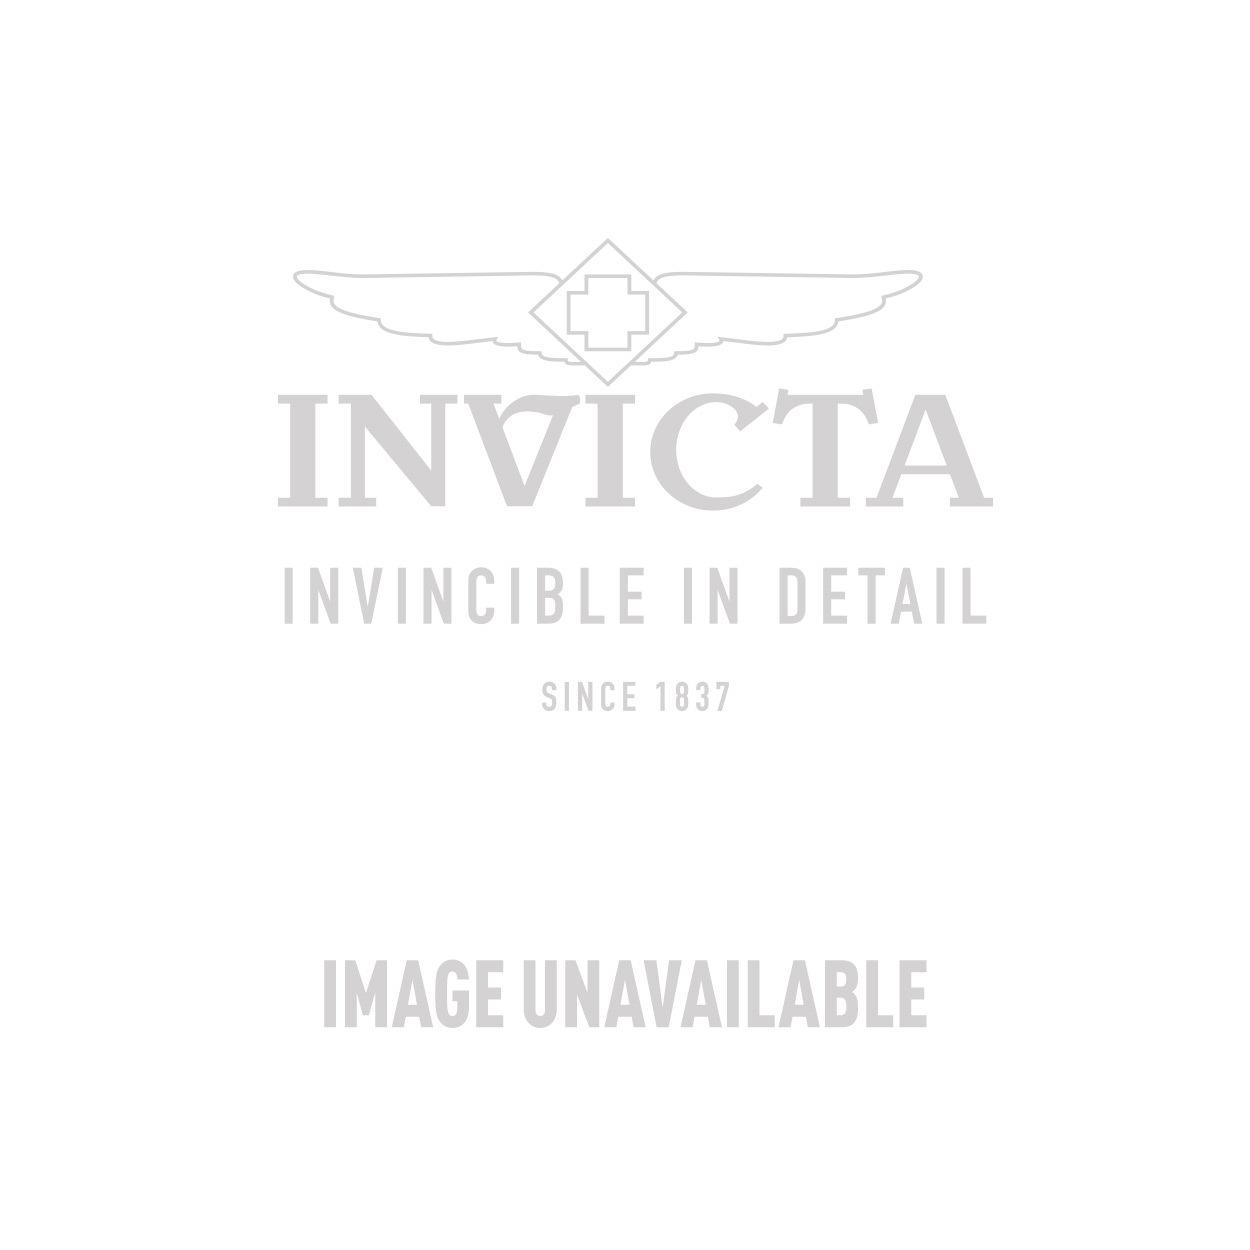 Invicta S1 Rally Quartz Watch - Black case with Black tone Silicone band - Model 90157